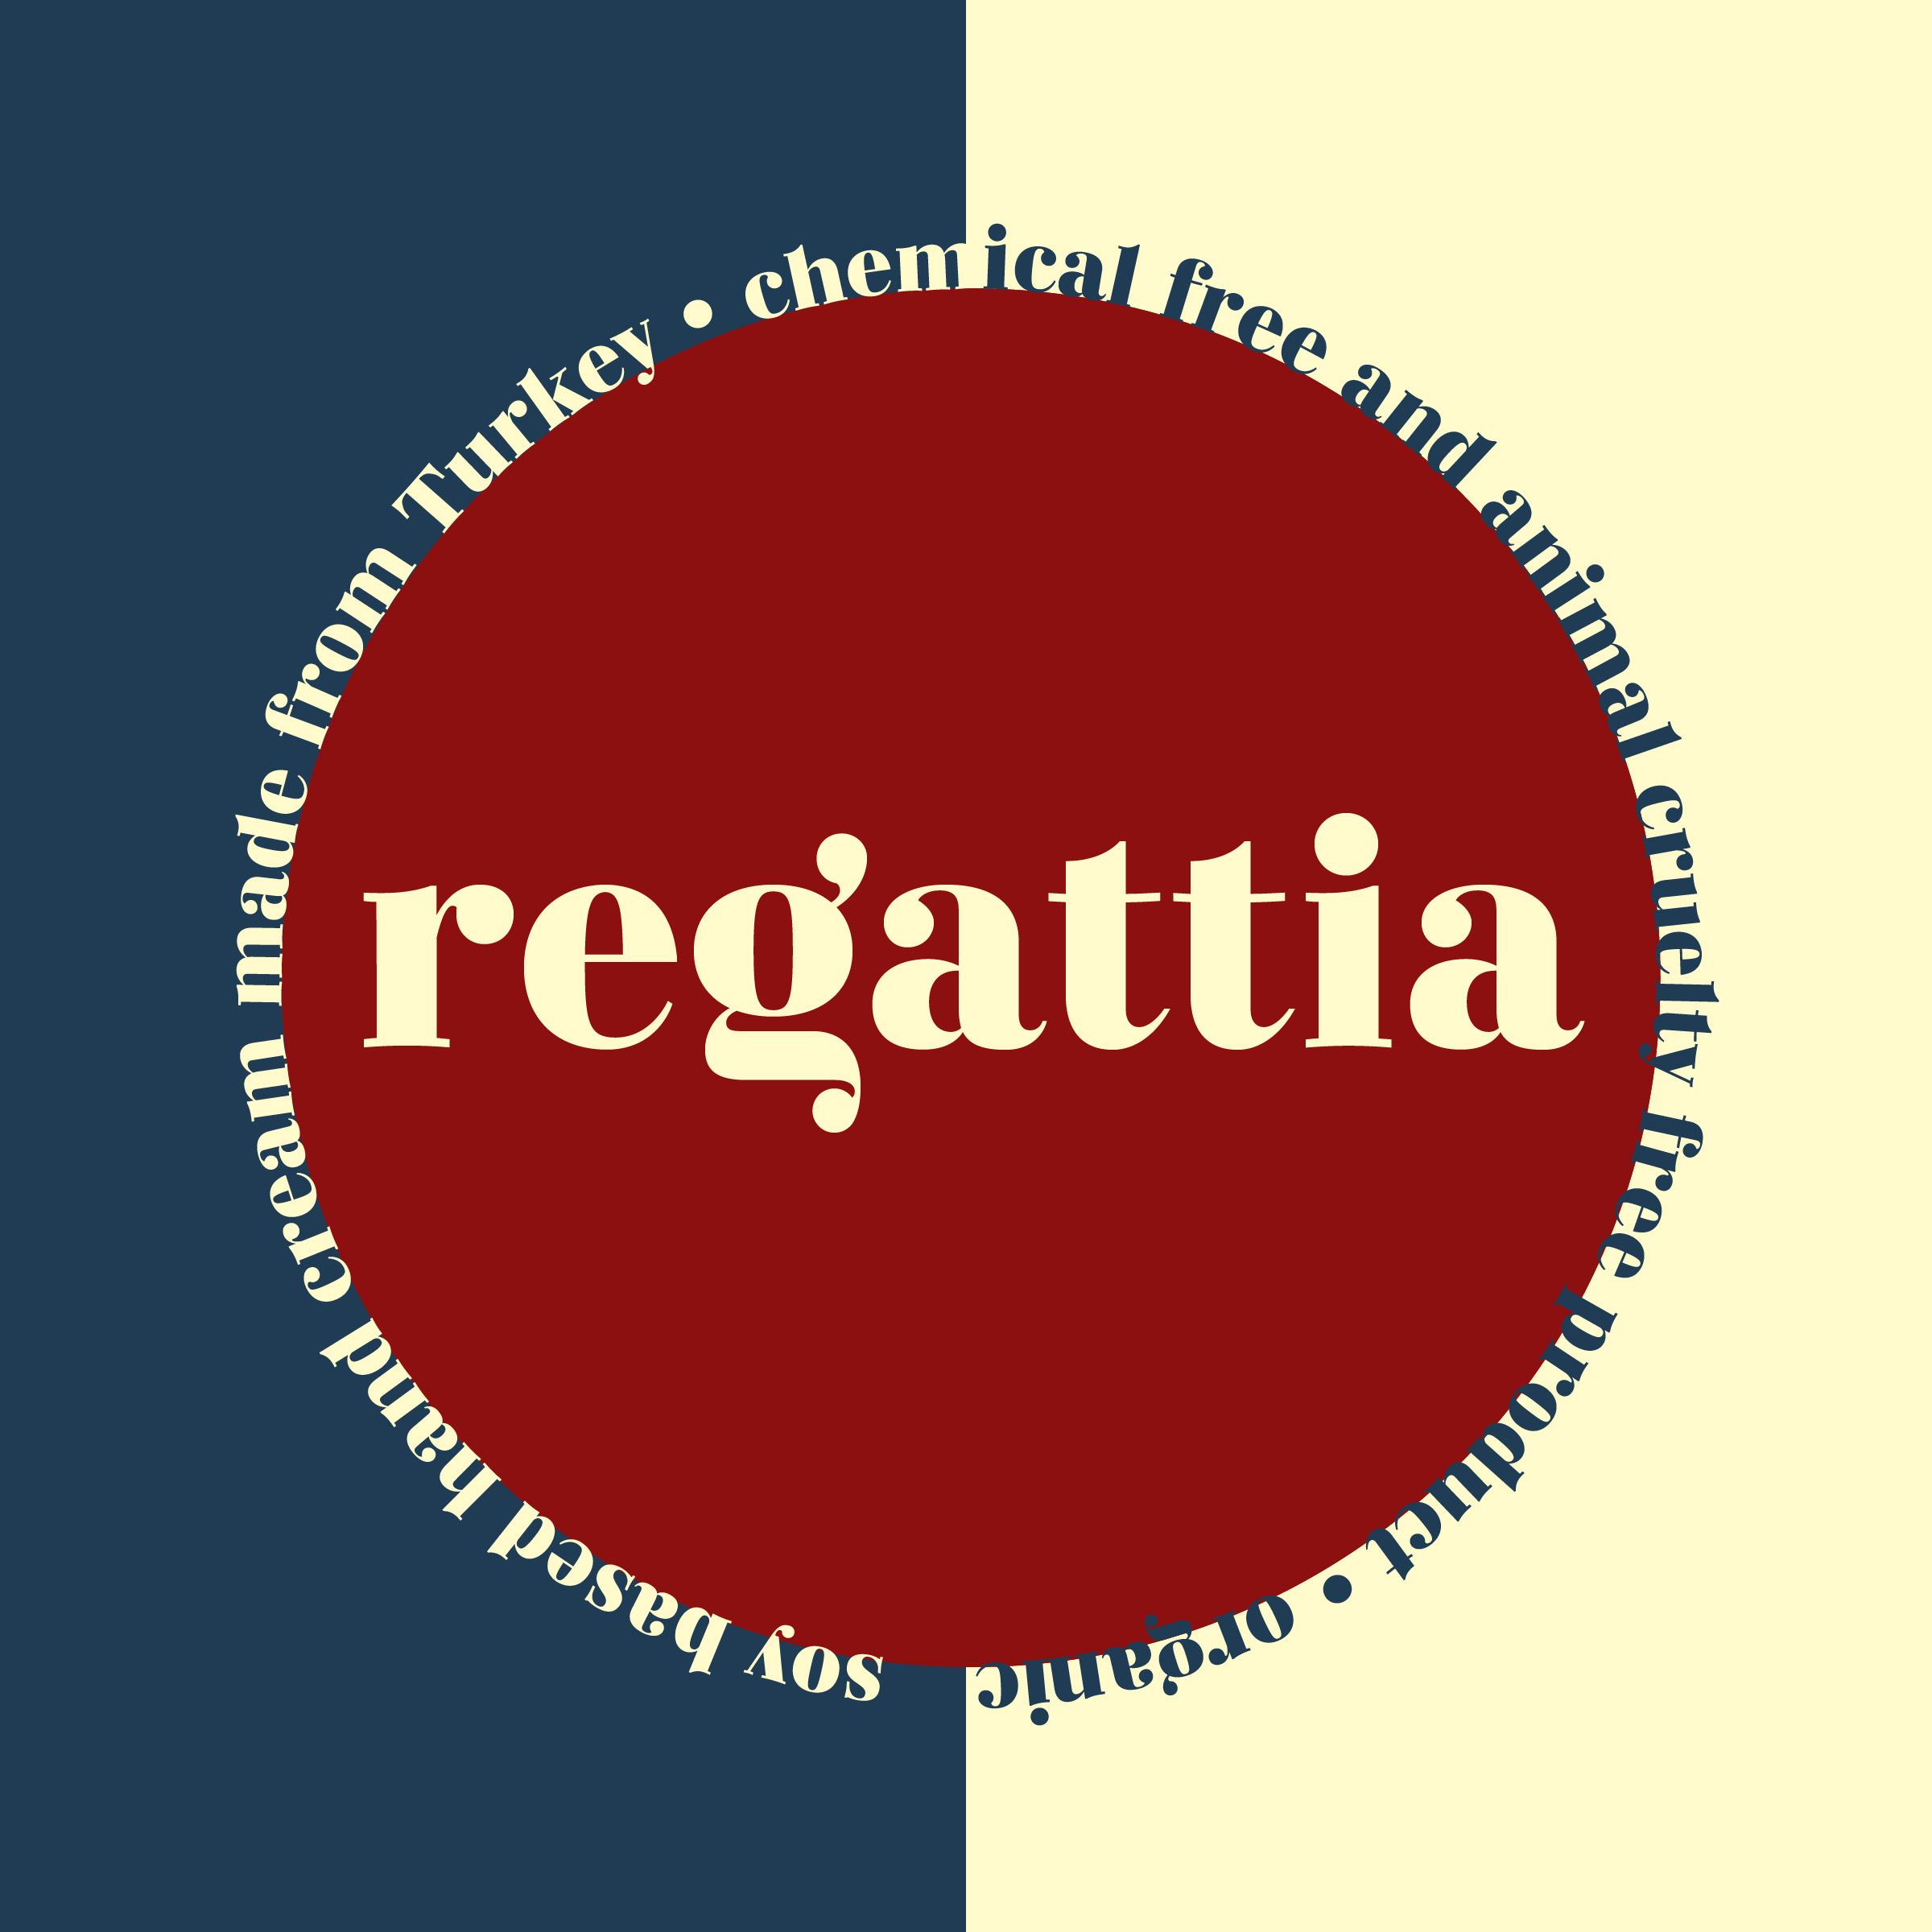 REGATTIA GRAPHICS-01.jpg